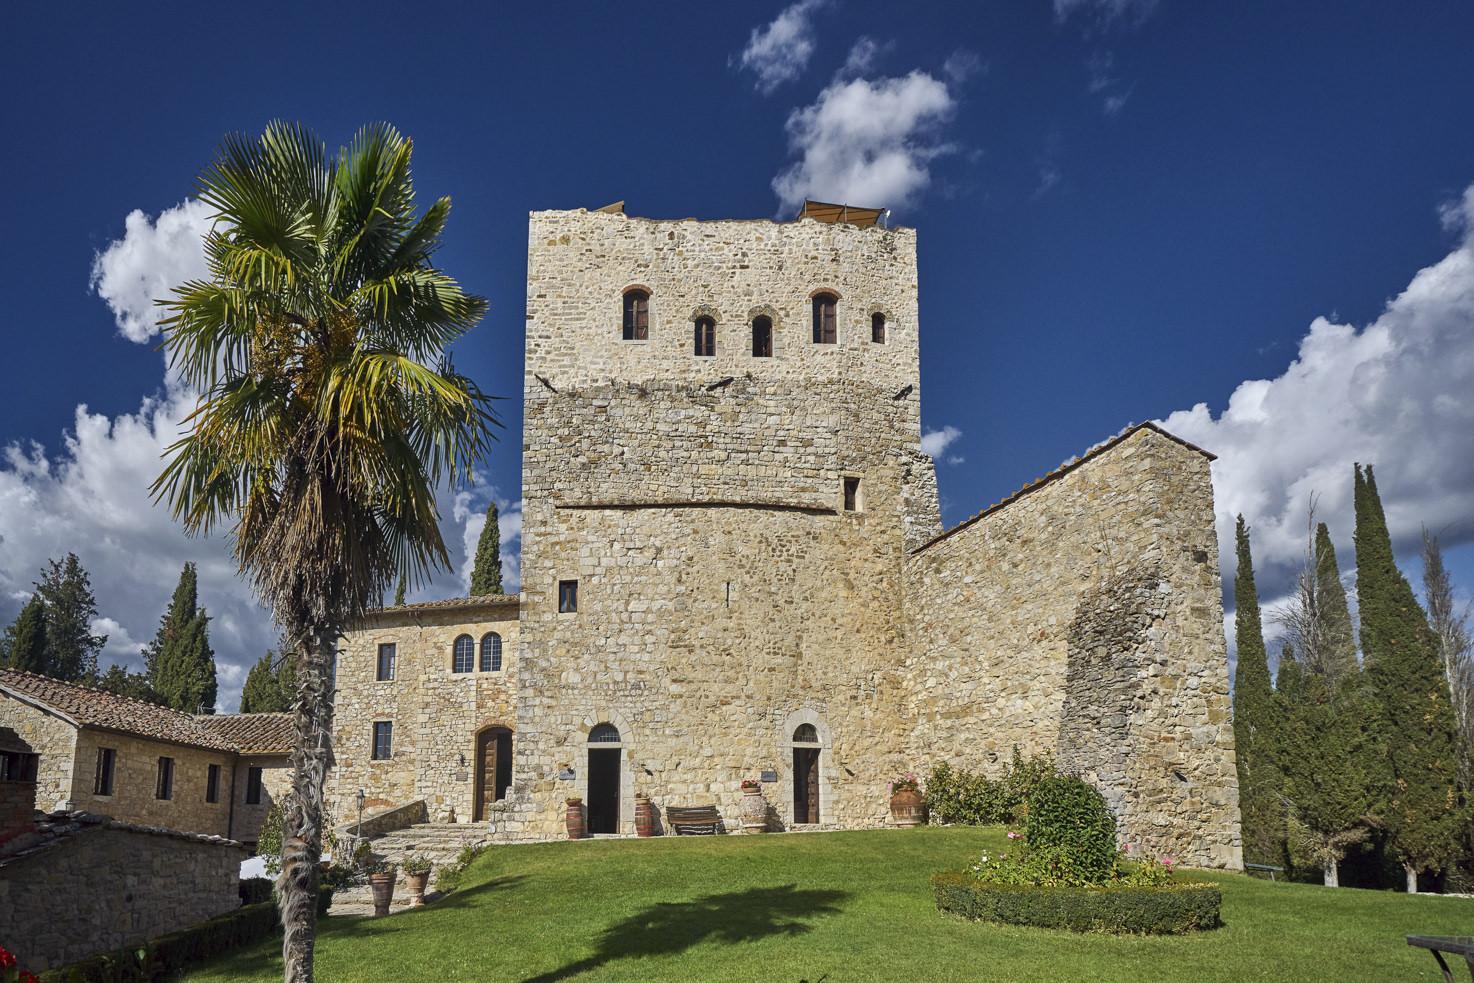 Castello di Tornano, Tuscany